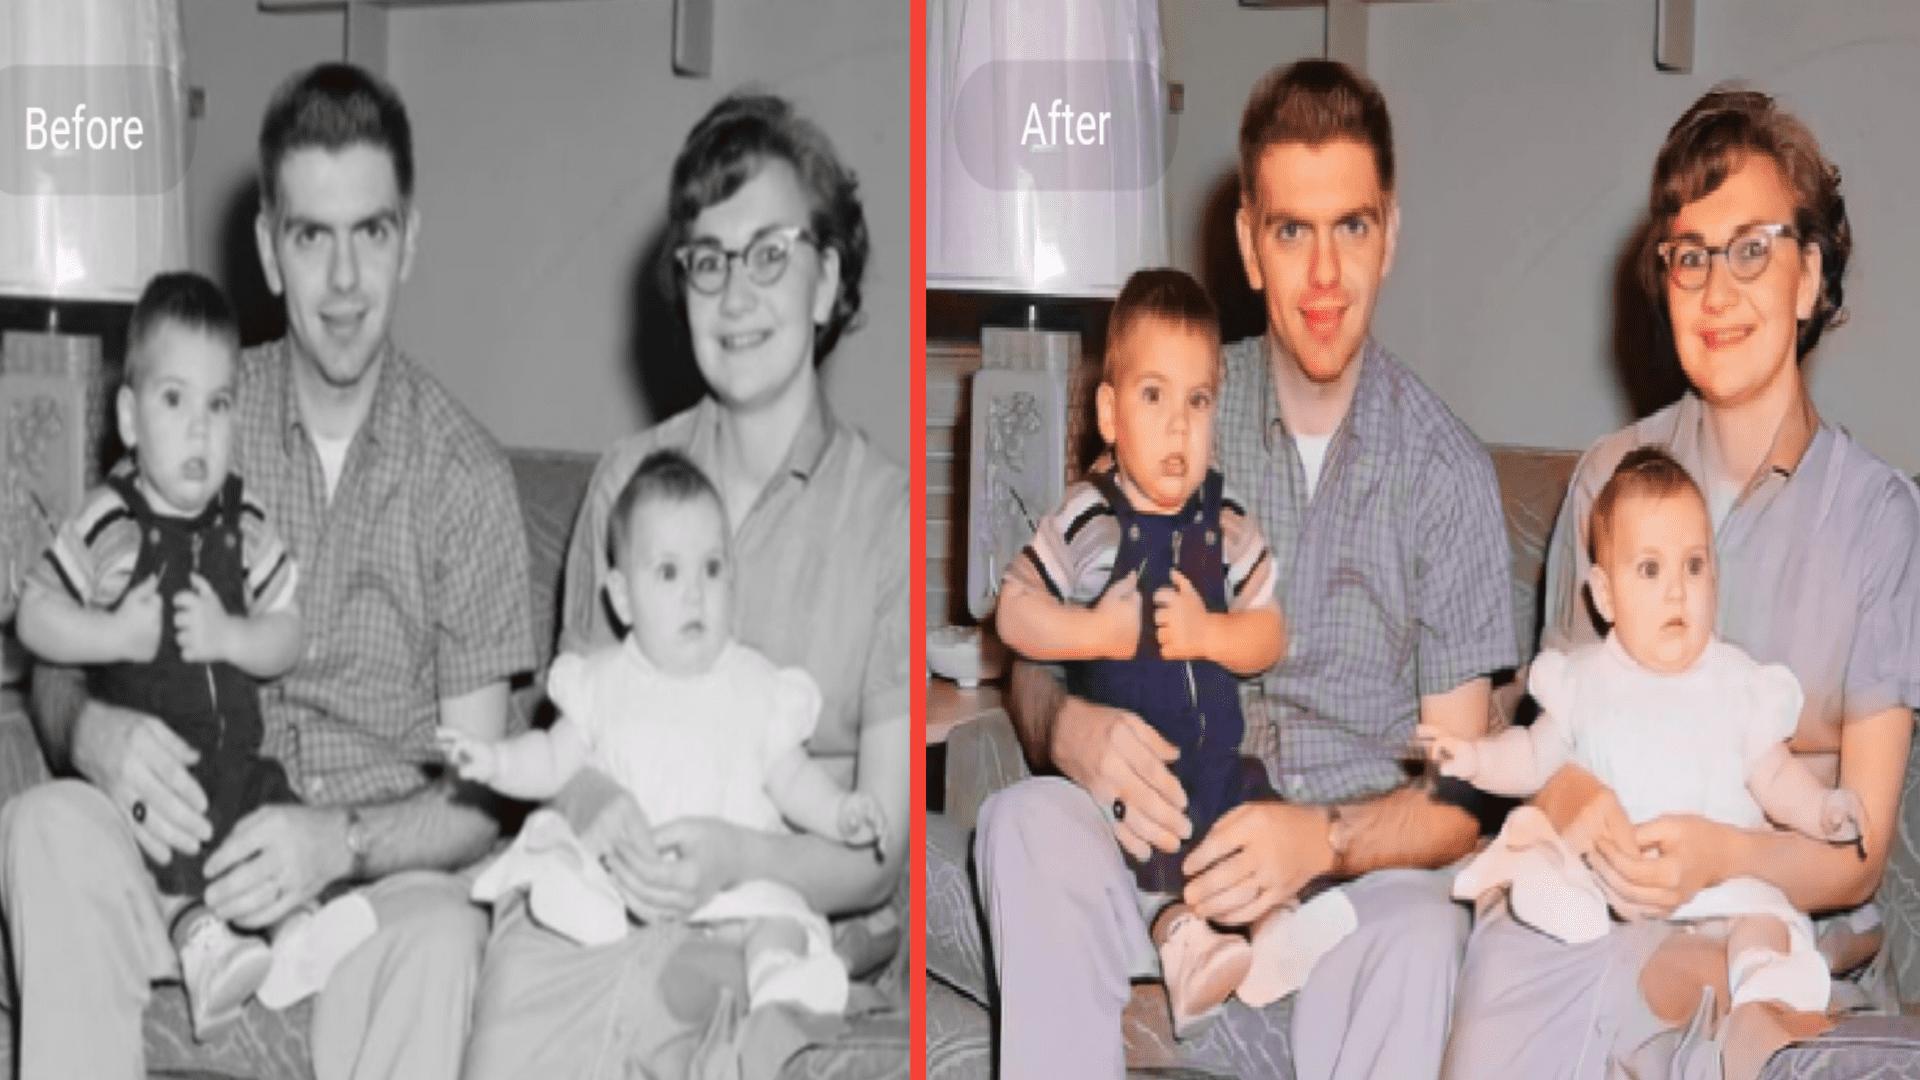 أصلاح الصور القديمة تلوين الصور تحسين الصور للاندرويد